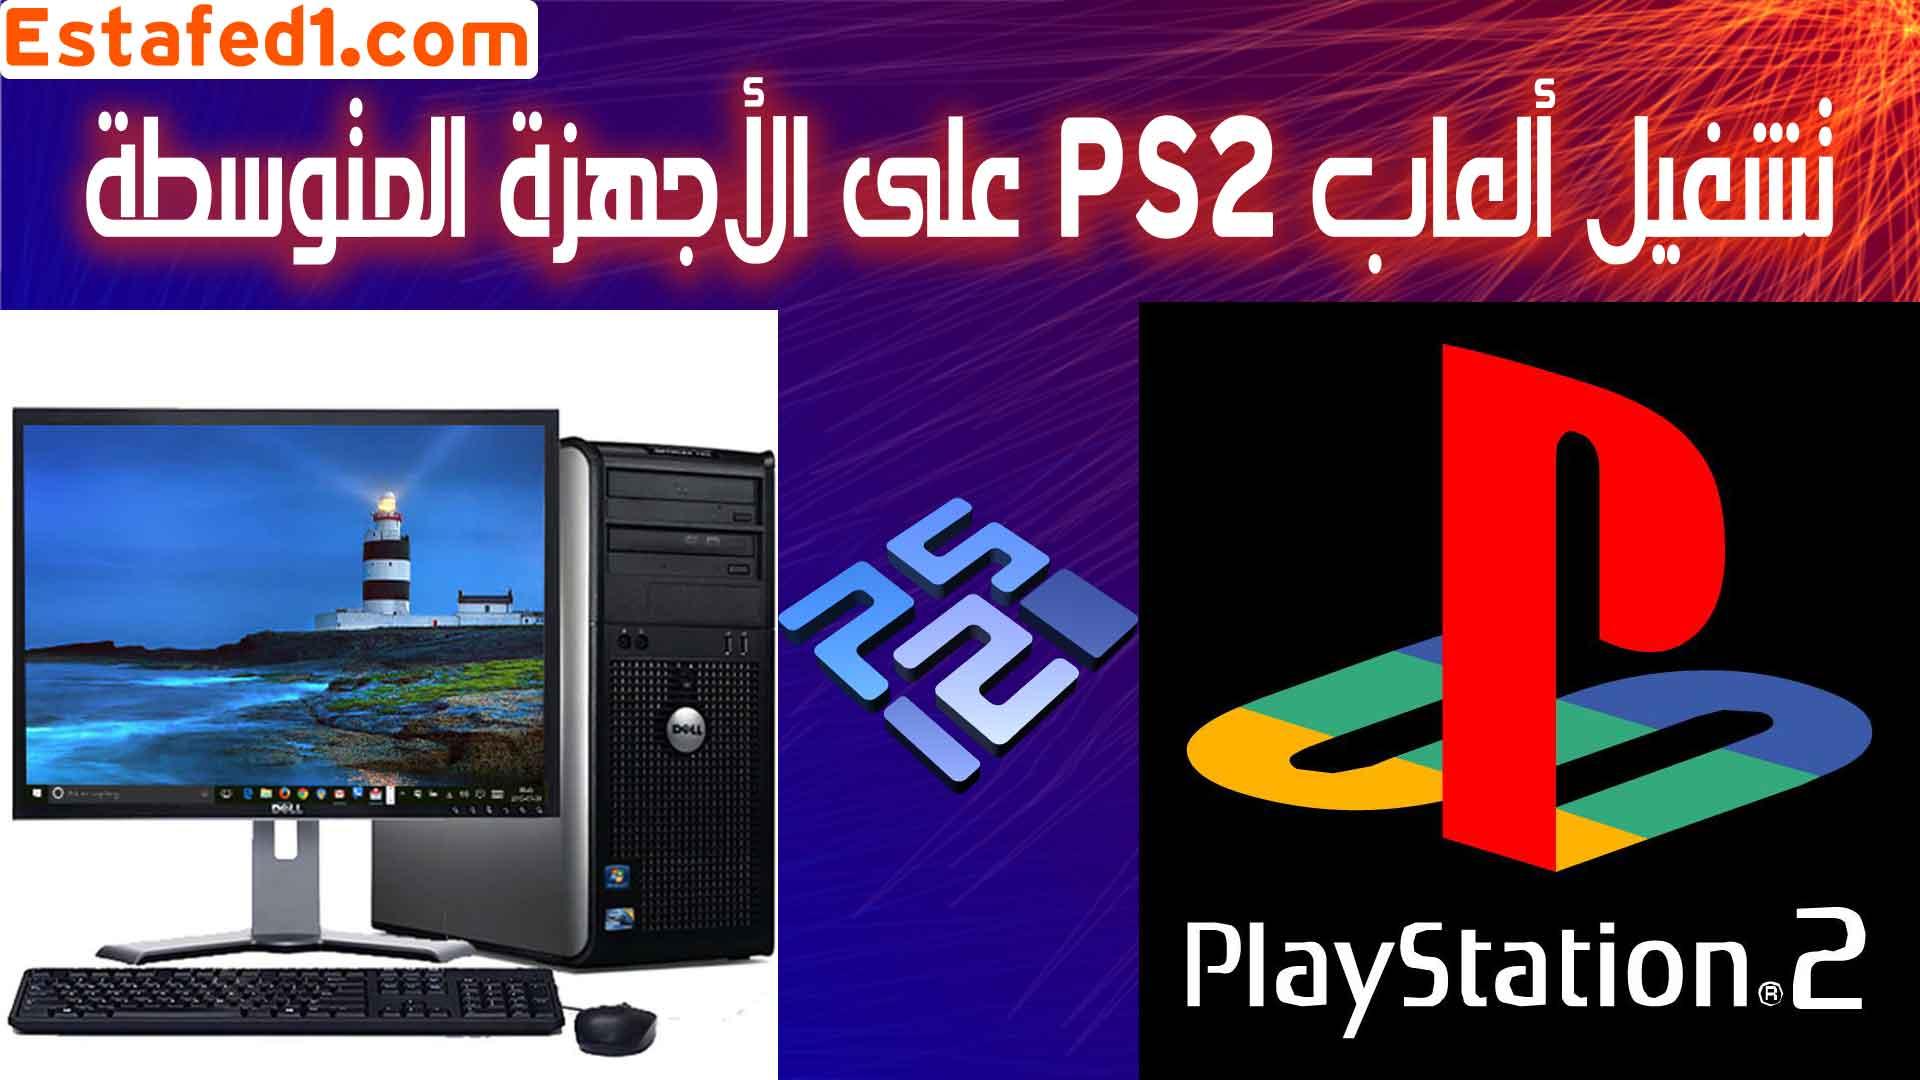 تشغيل ألعاب البلايستيشن PS2 على الكمبيوترضبط أفضل الإعدادات PCSX2